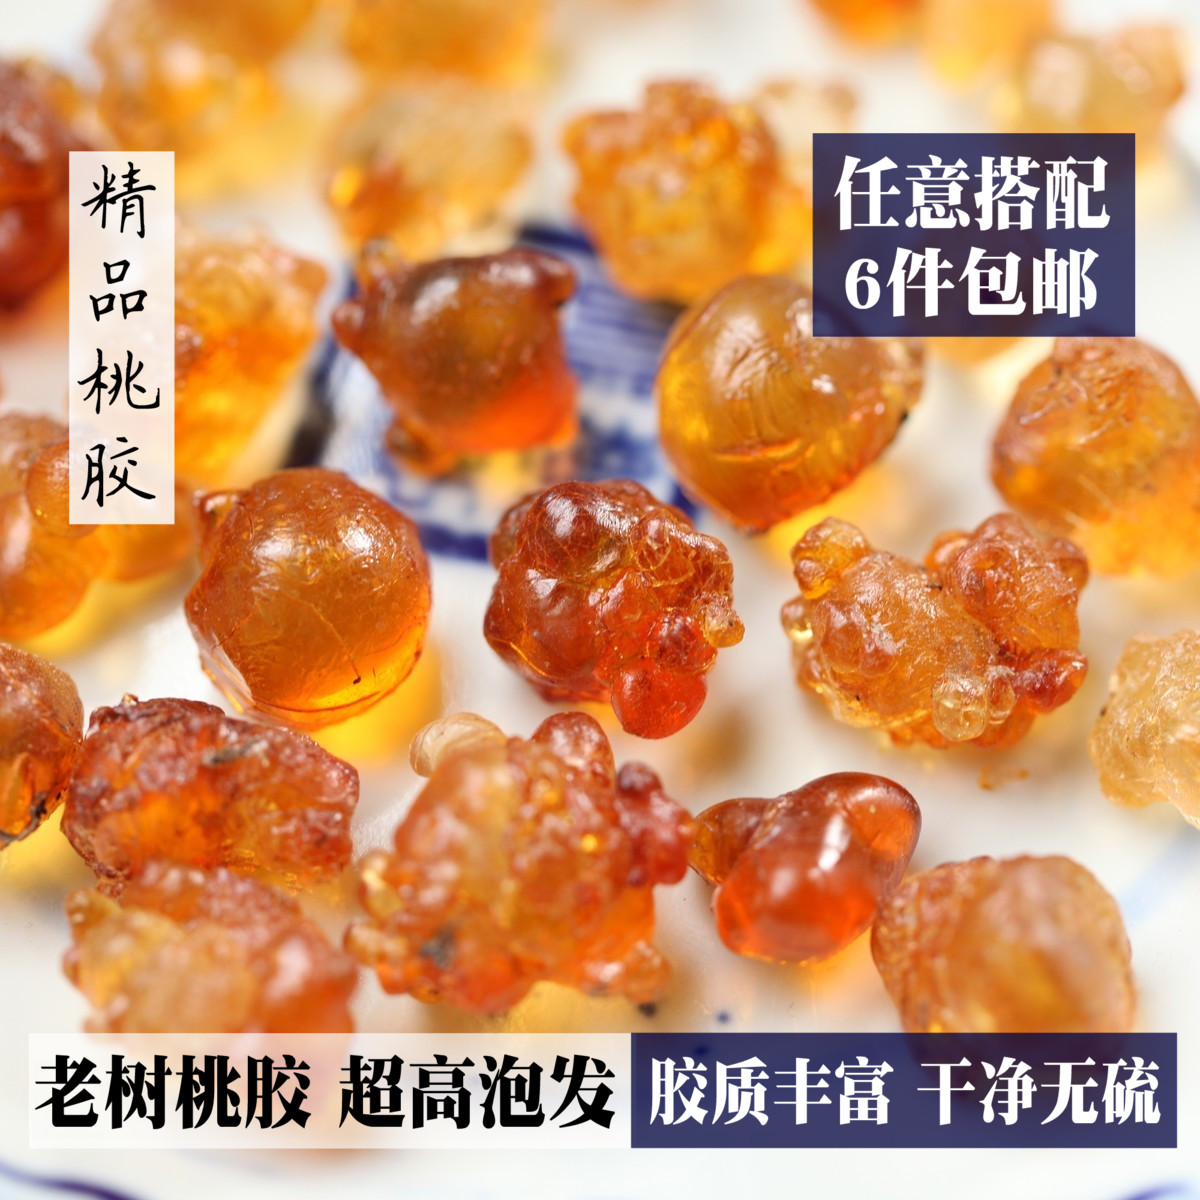 天然野生桃胶250g食用桃花泪云南特产可搭配皂角米雪燕组合甜品羹